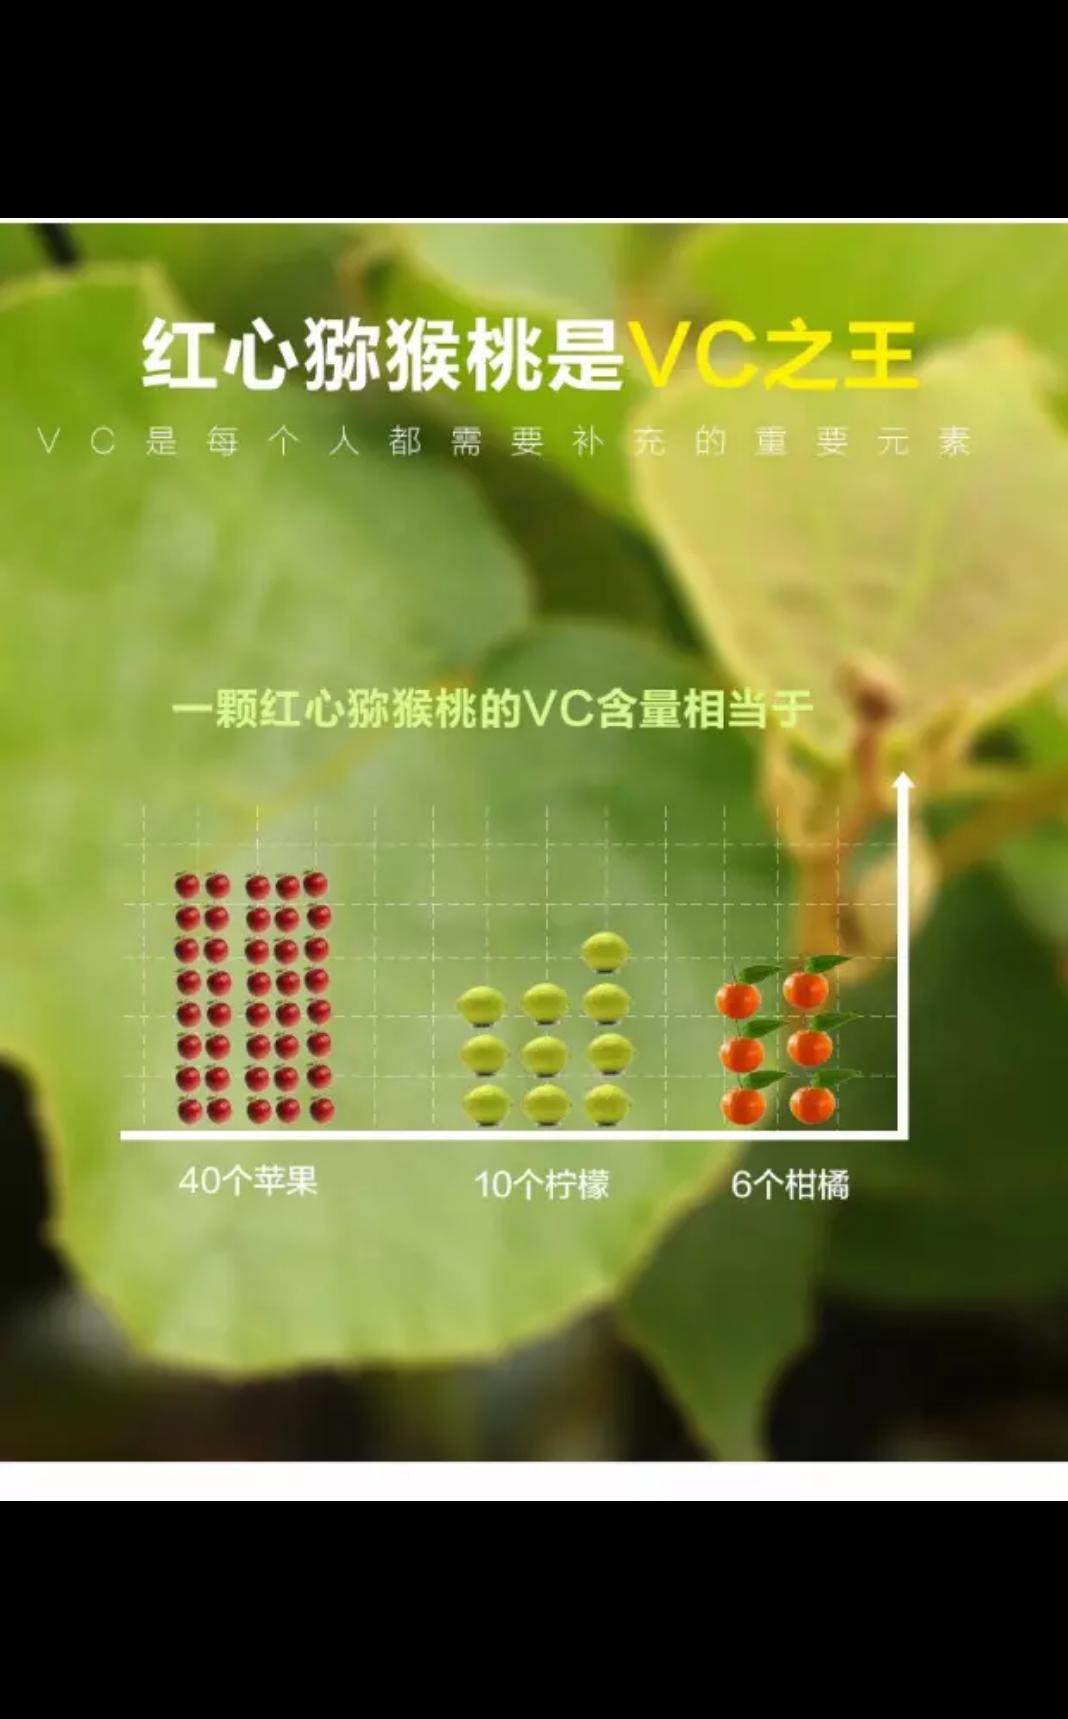 蒲江红心猕猴桃5斤包邮(2016年已售罄)